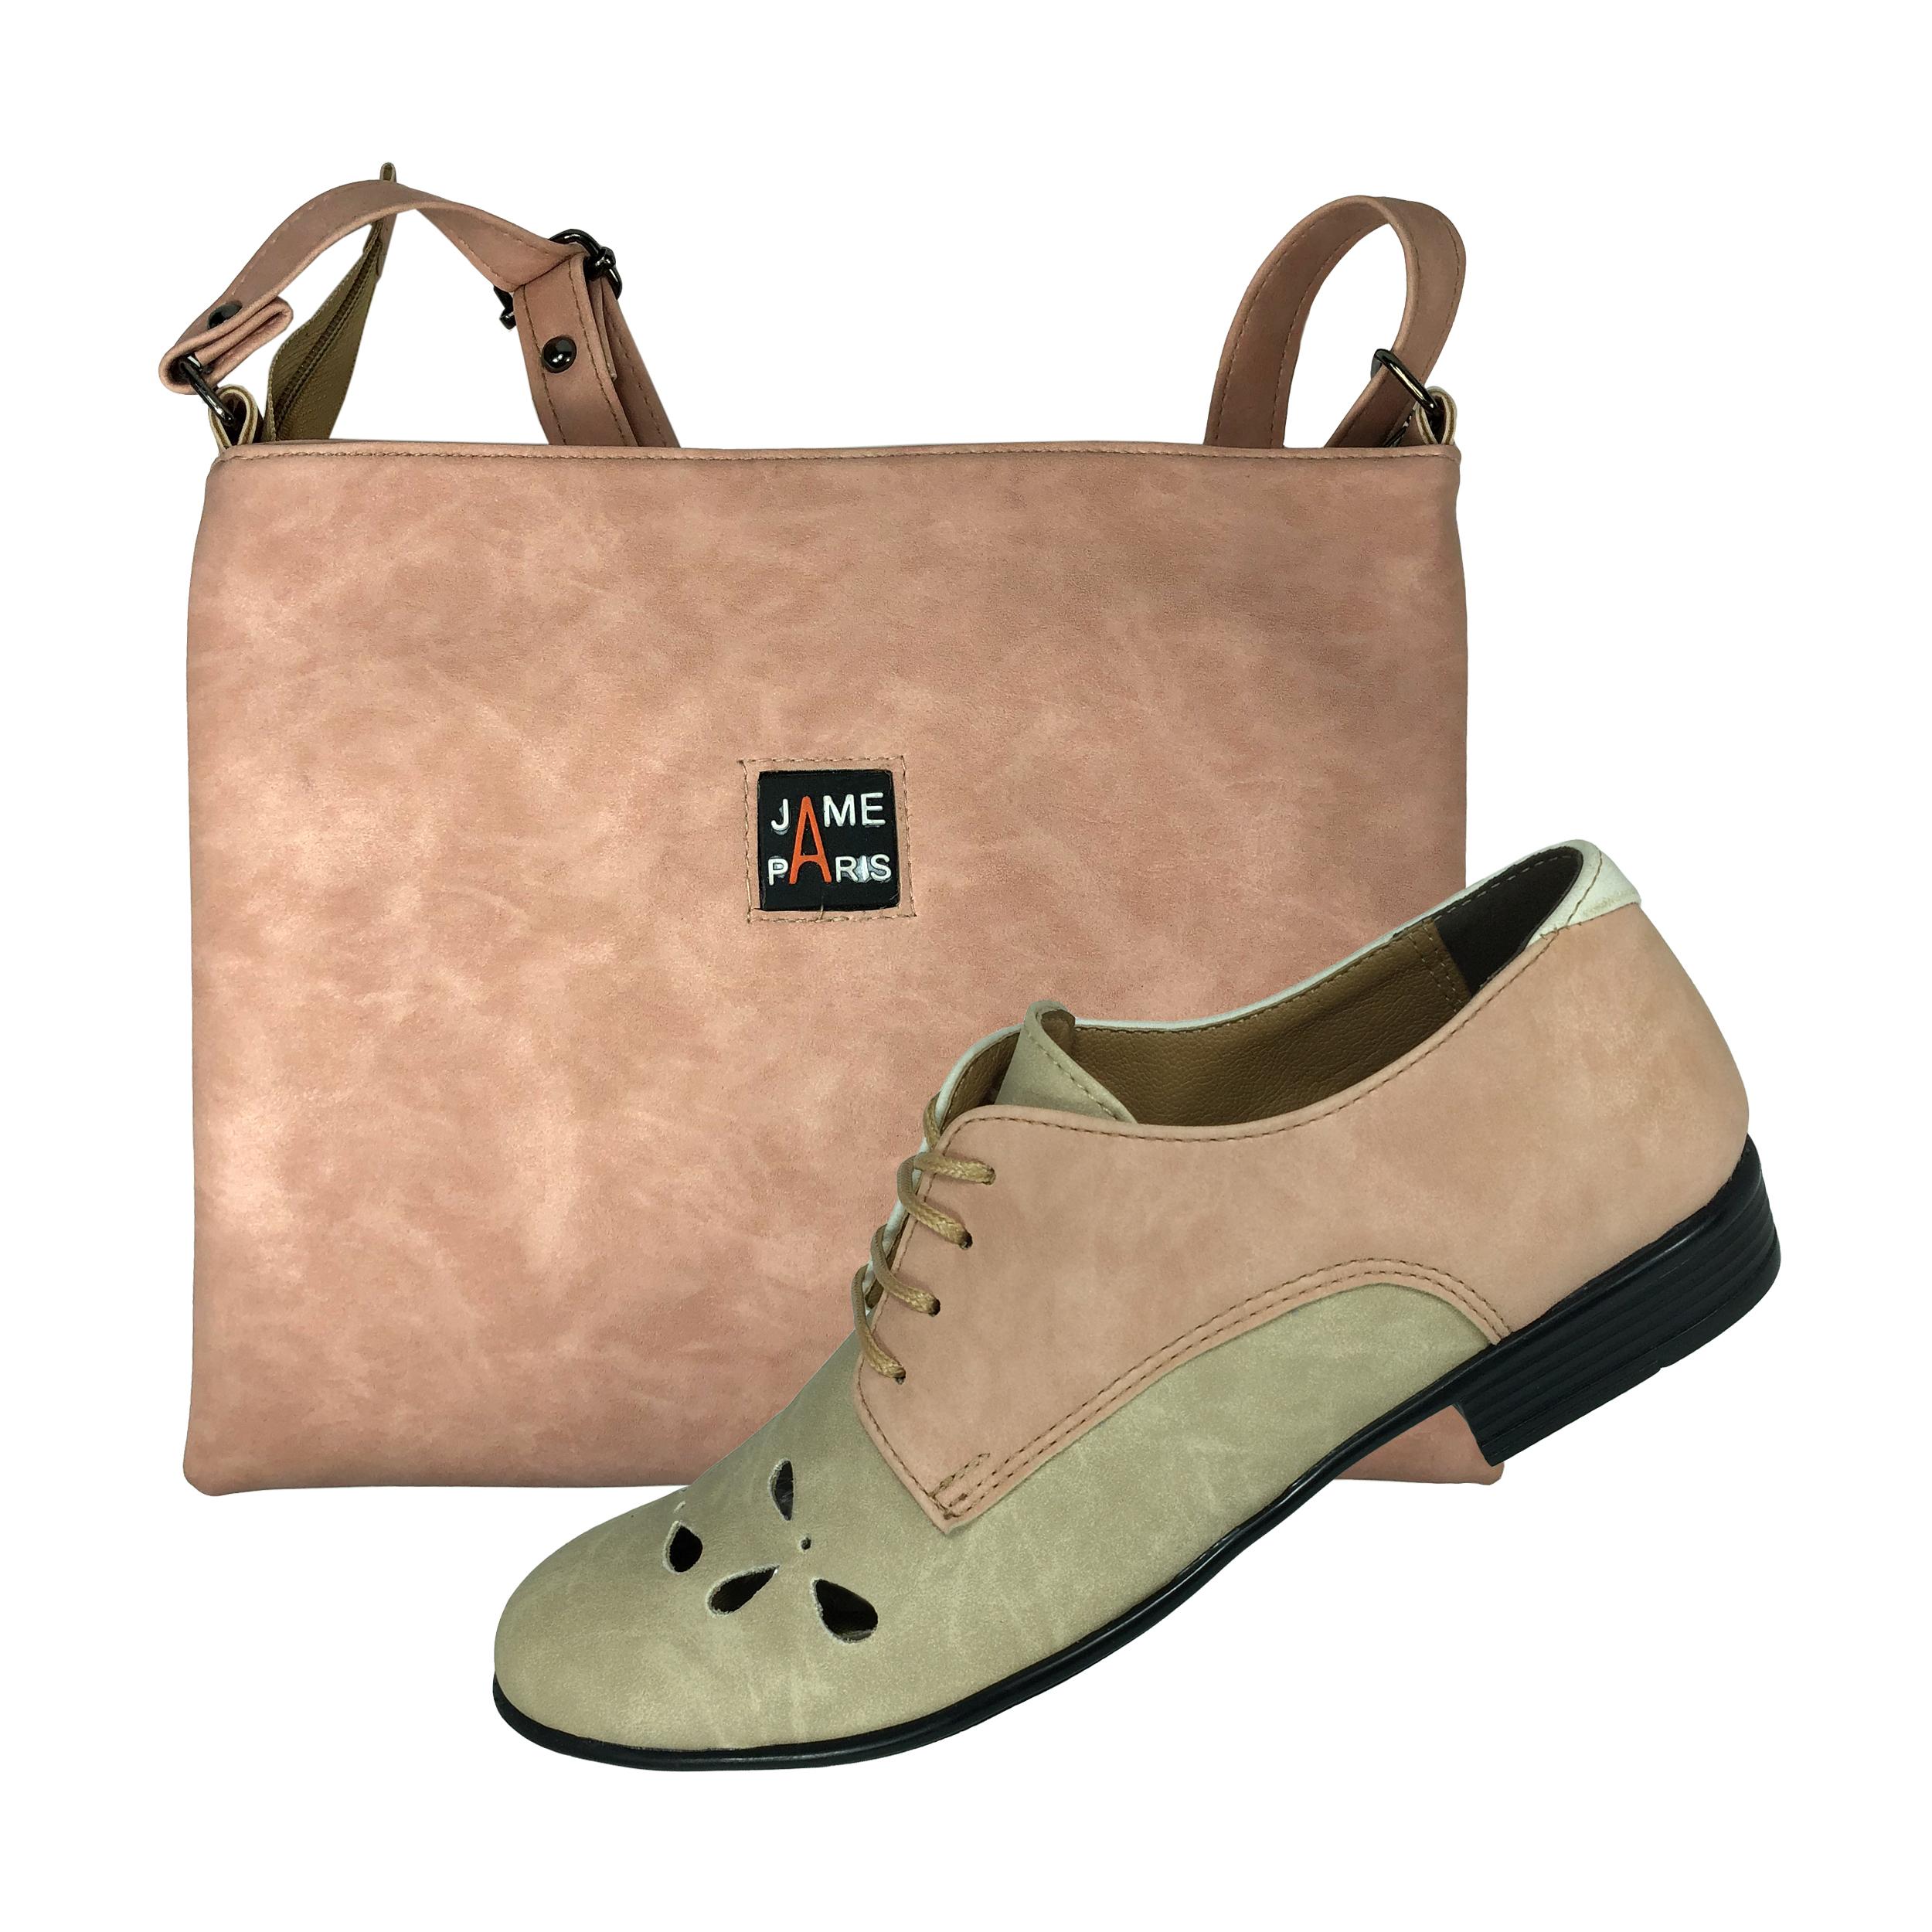 ست کیف و کفش زنانه پاریس جامه کد B496